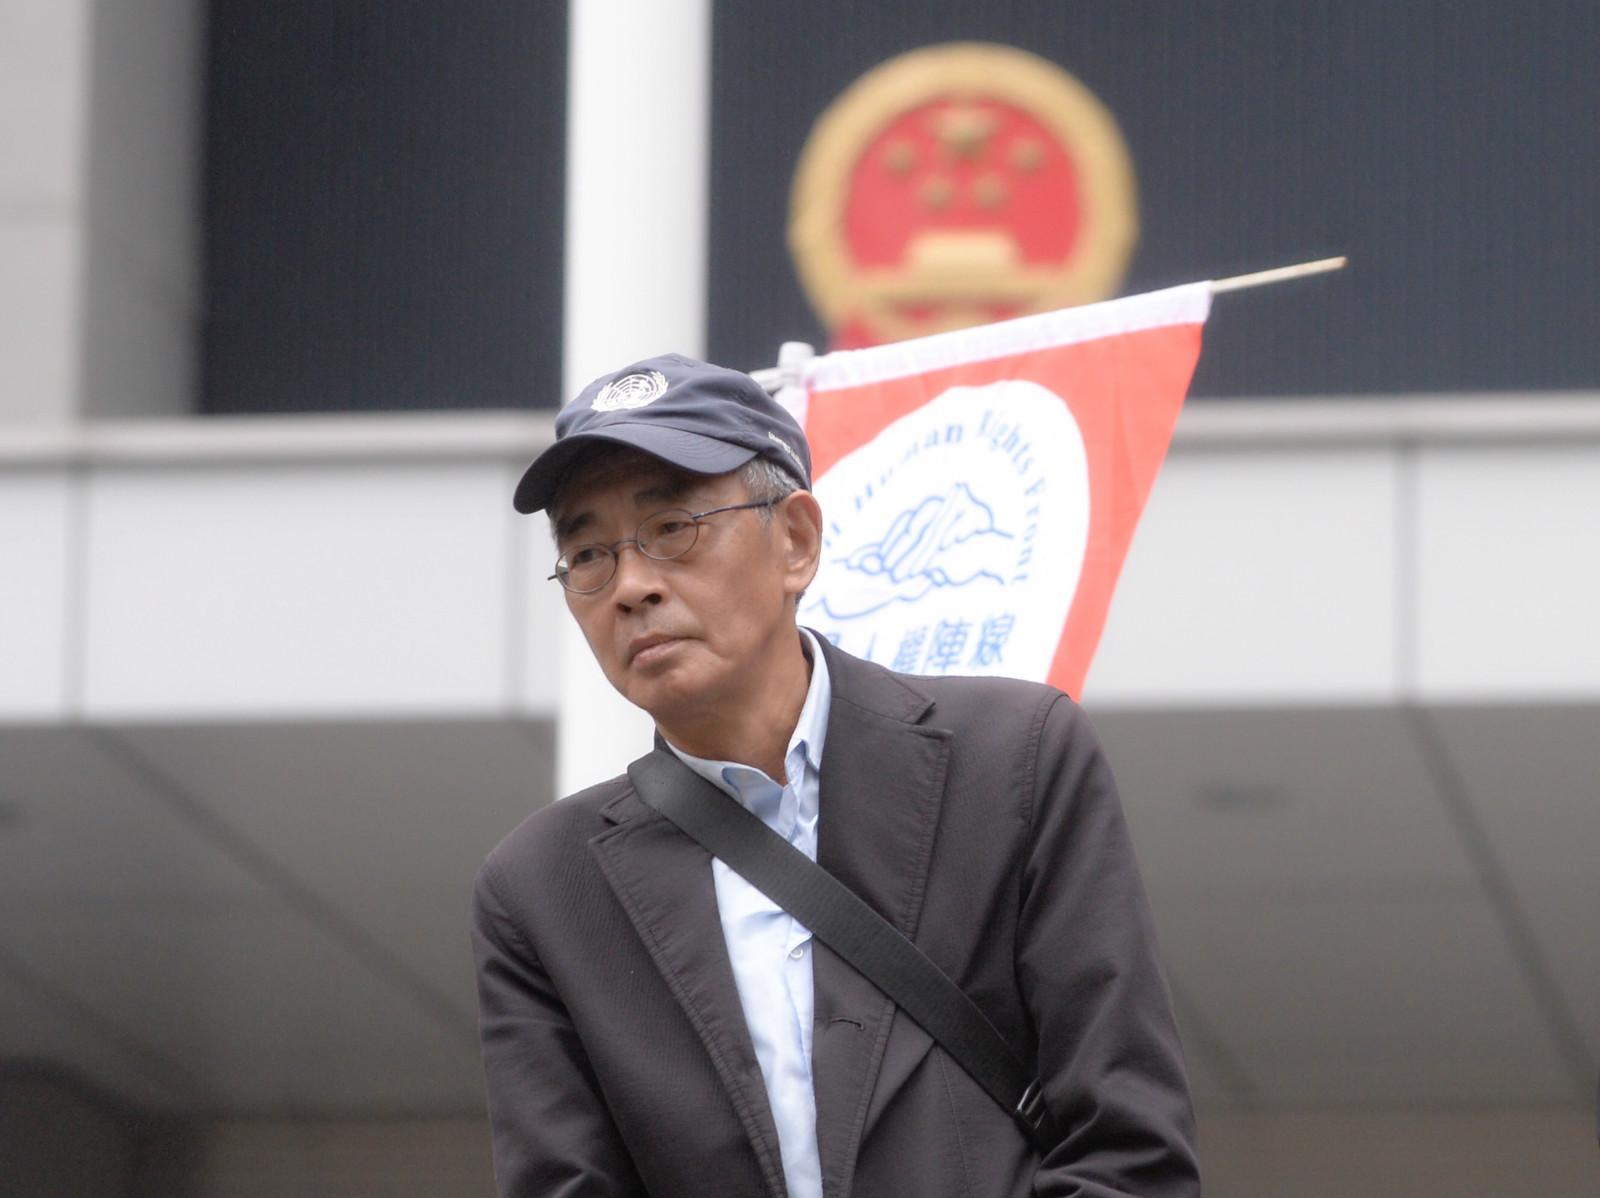 前銅鑼灣書店店長林榮基定居台灣。資料圖片